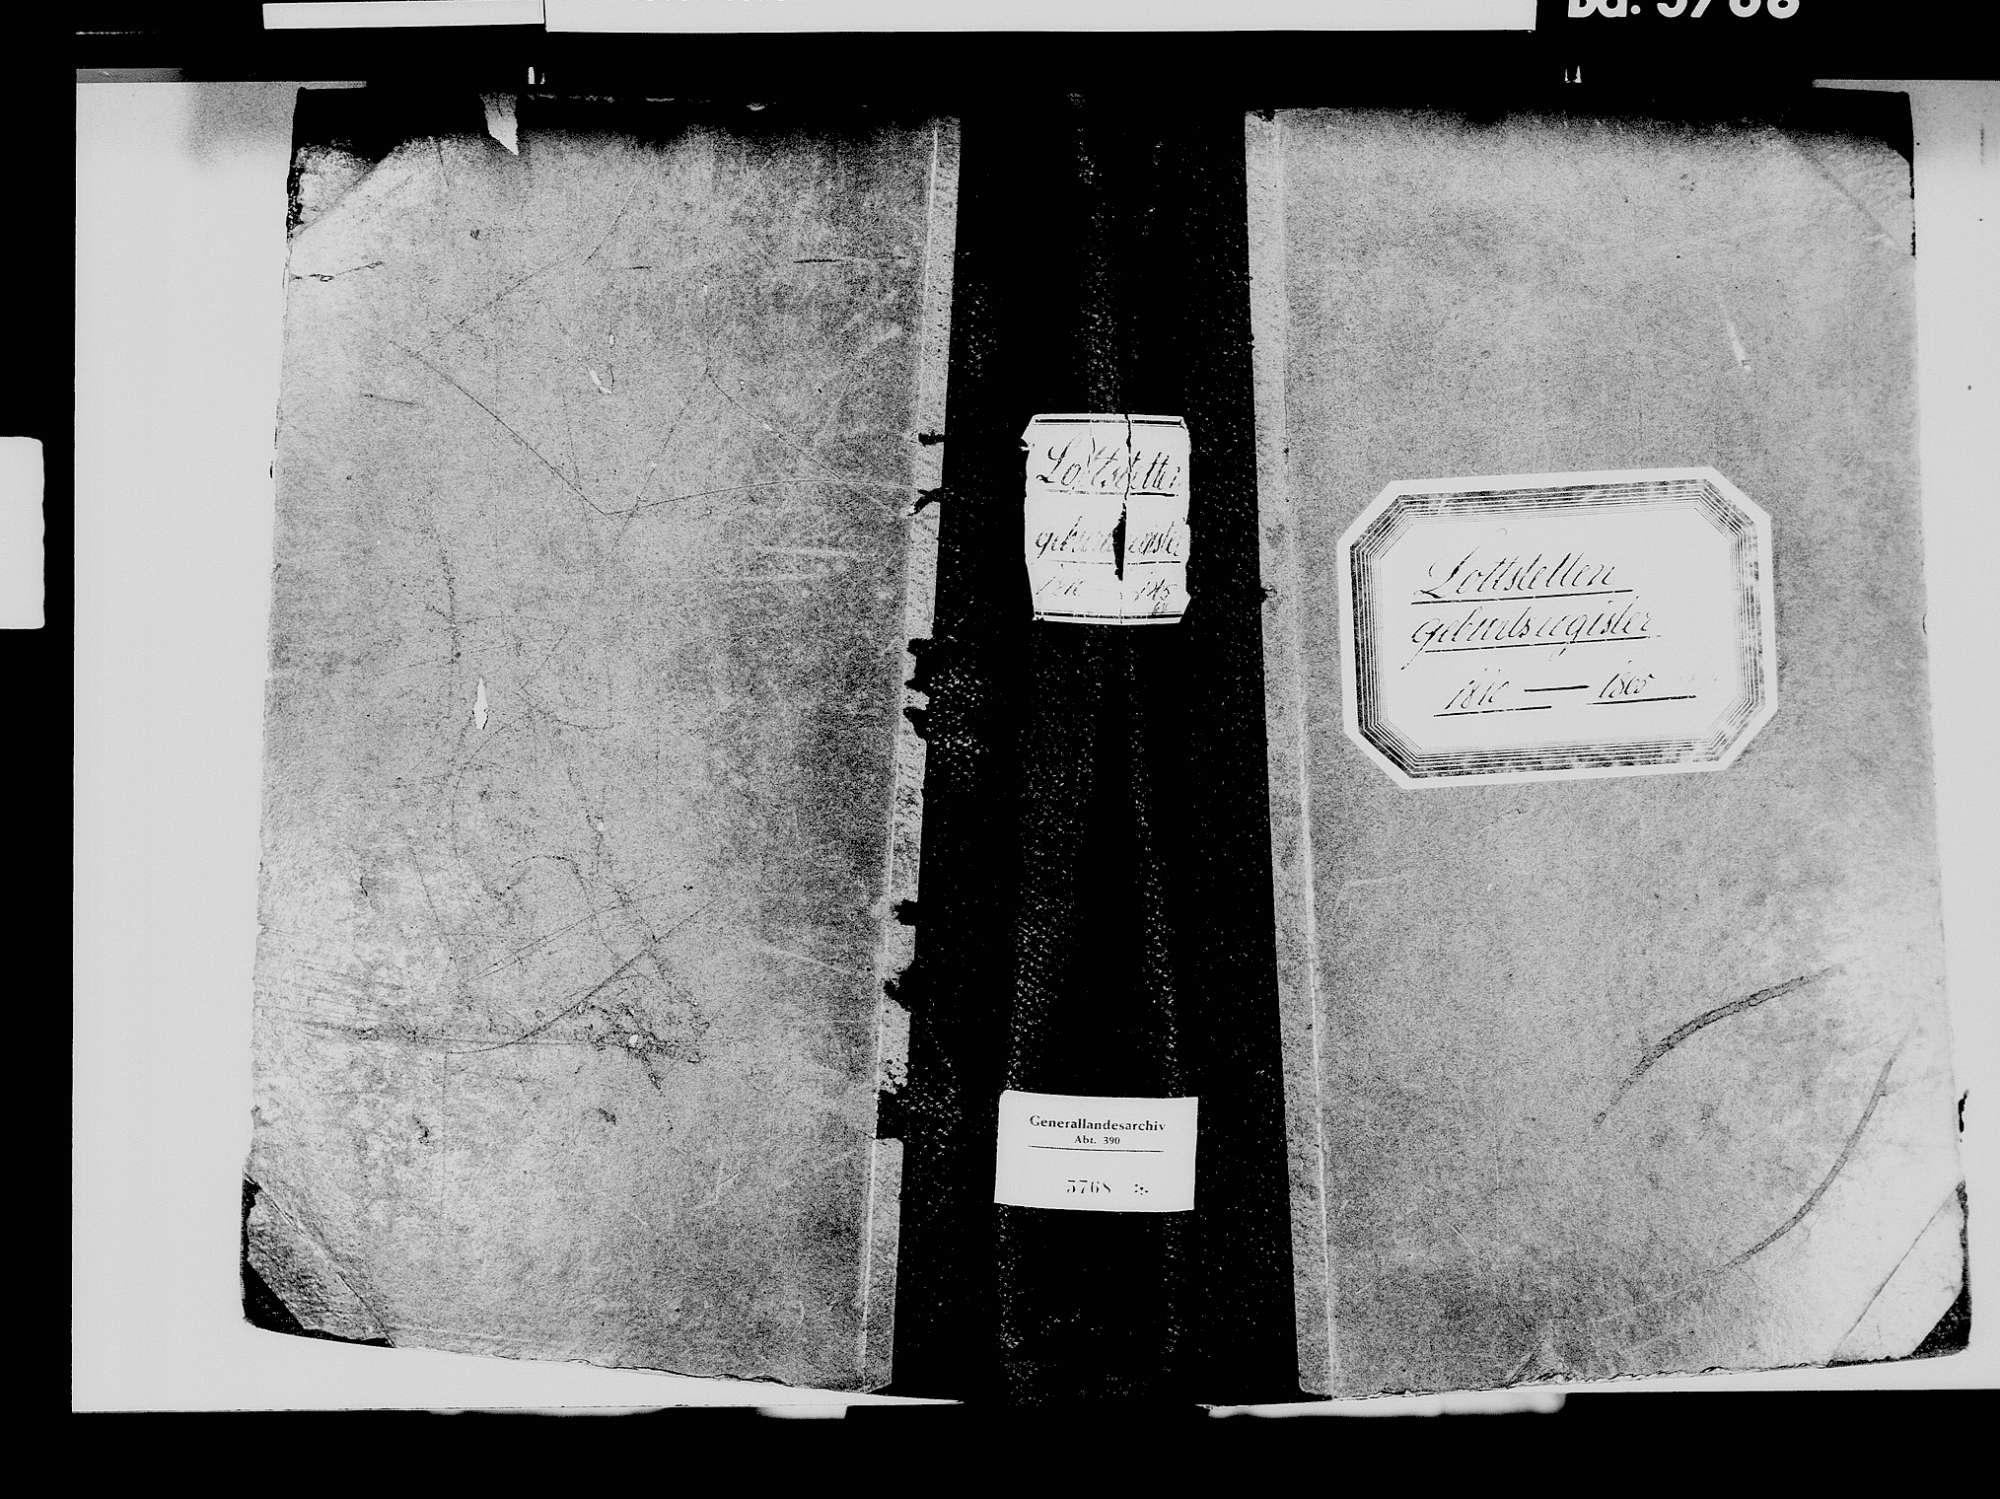 Lottstetten WT; Katholische Gemeinde: Geburtenbuch 1810-1864 Lottstetten WT; Katholische Gemeinde: Heiratsbuch 1812, 1825 Lottstetten WT; Katholische Gemeinde: Sterbebuch 1812, 1825, Bild 2